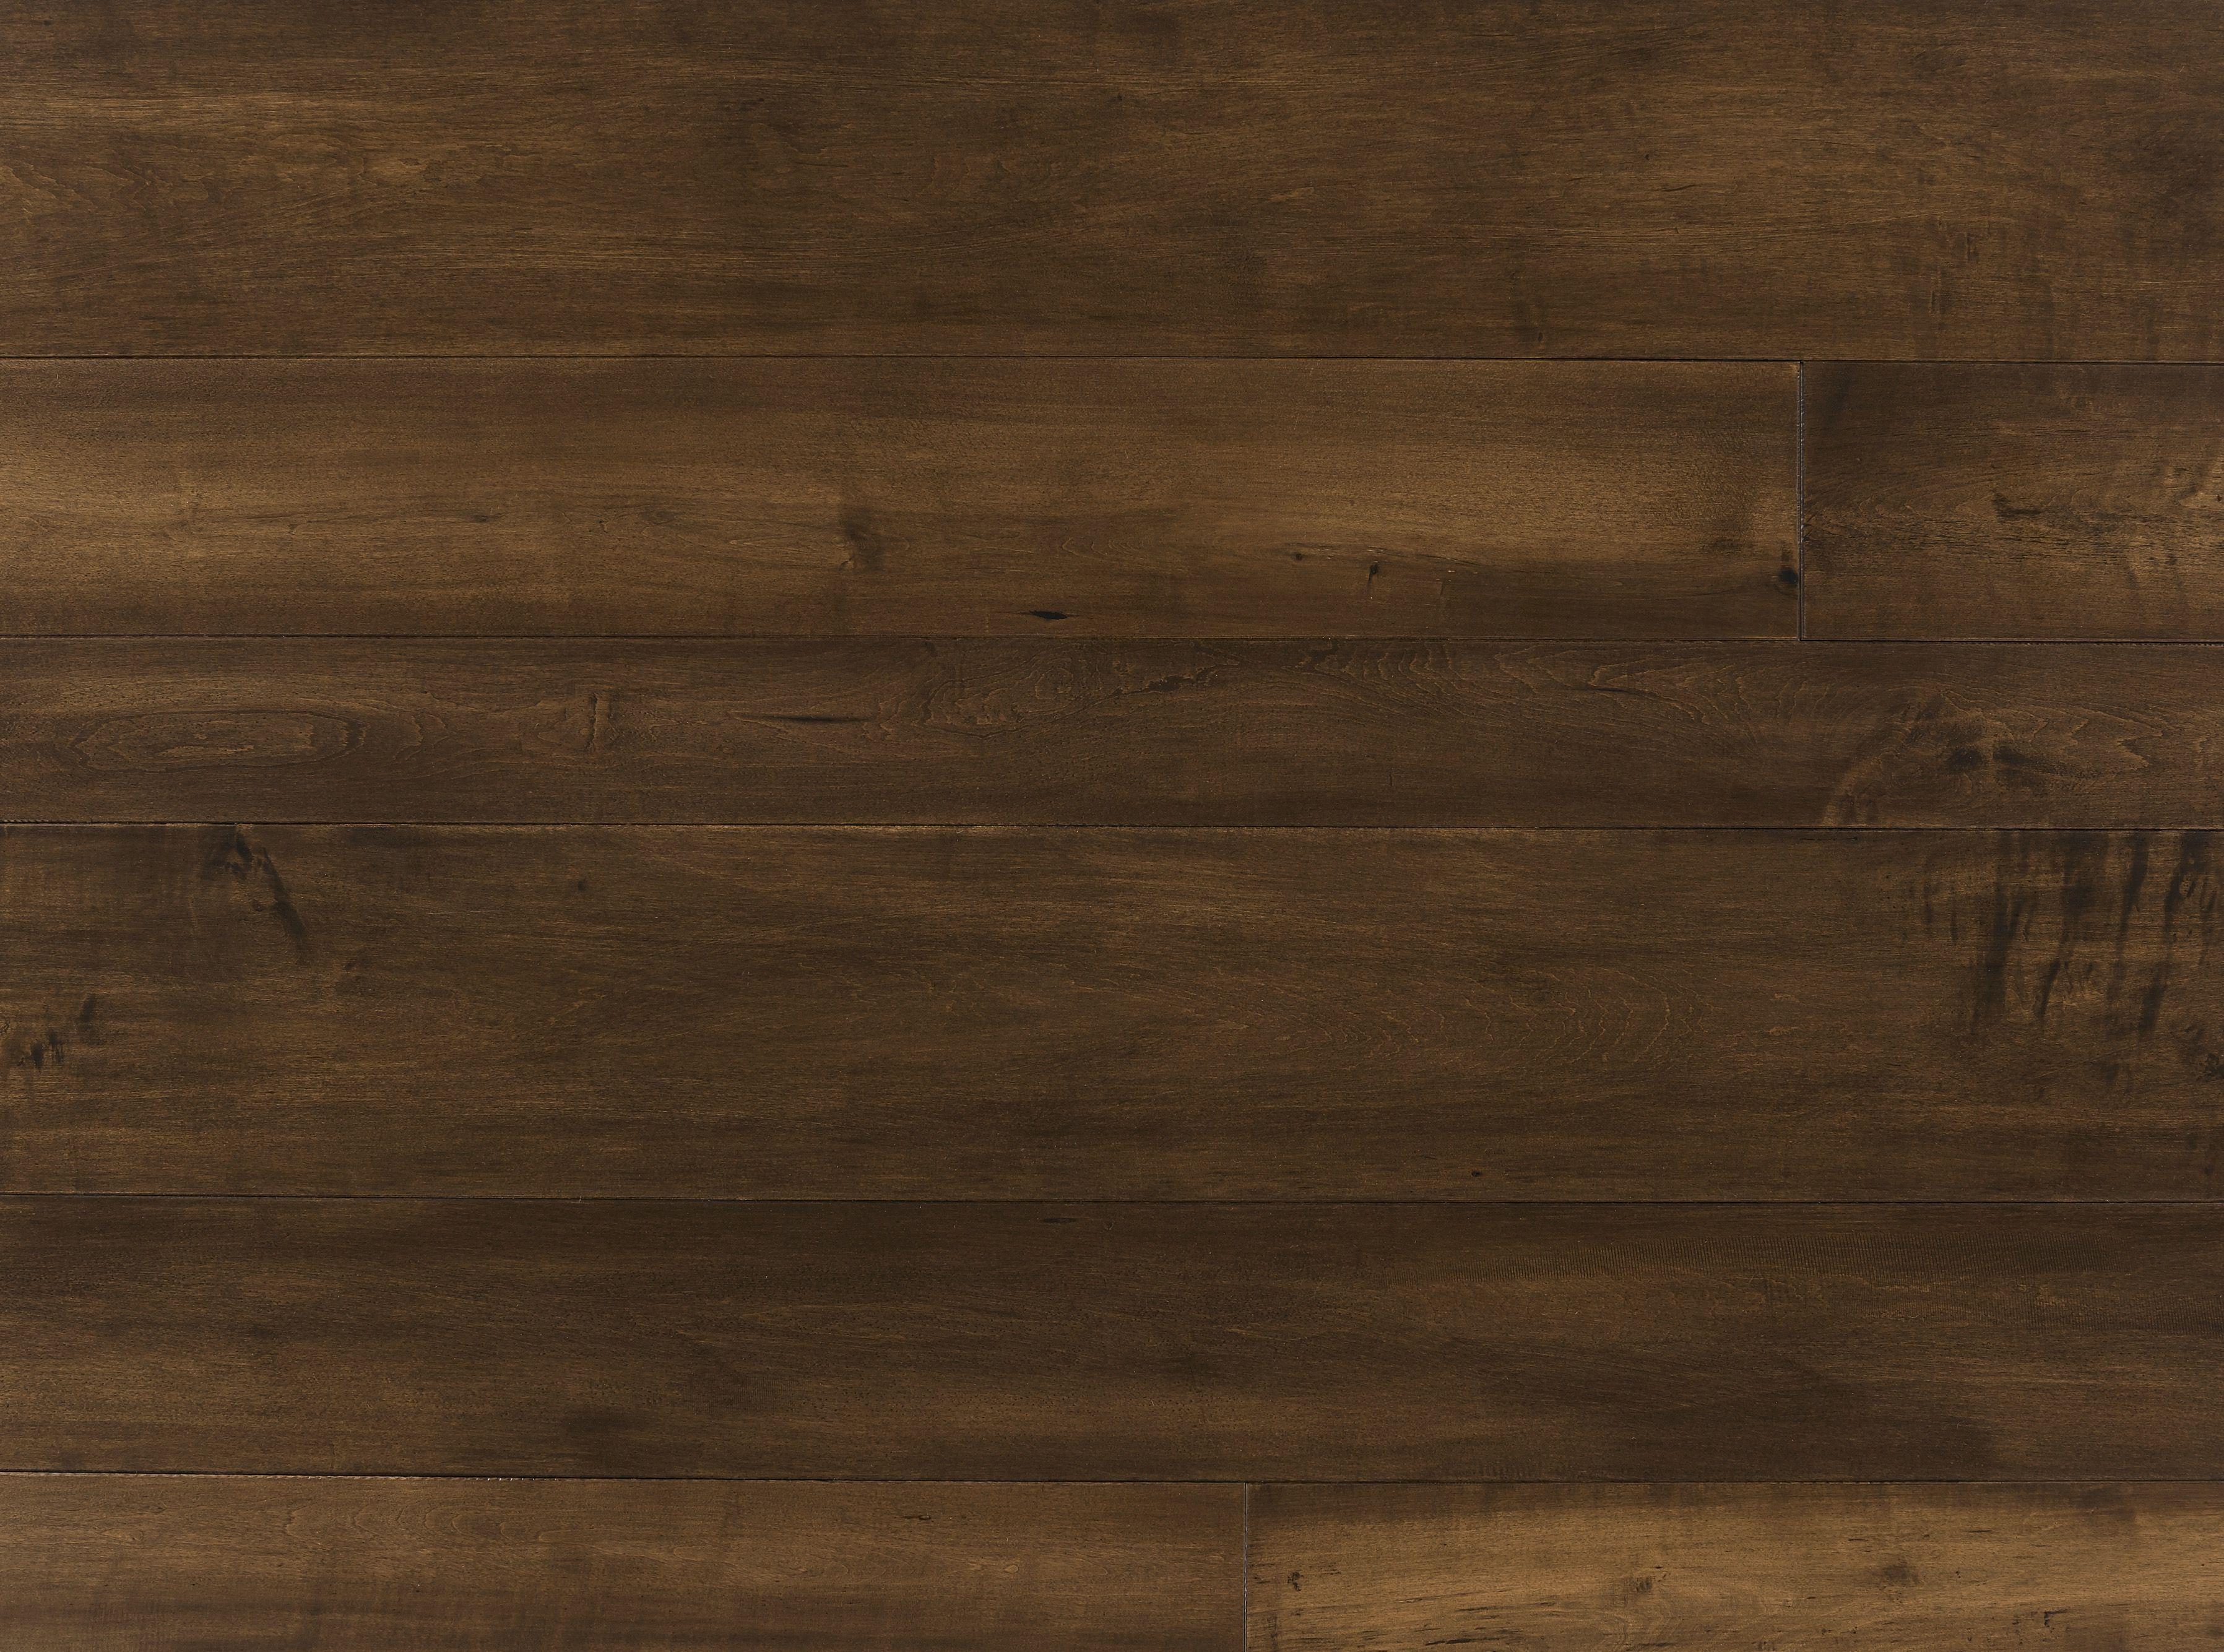 Saltbox Color Brockton Real Wood Floors Wood Floors Installing Hardwood Floors